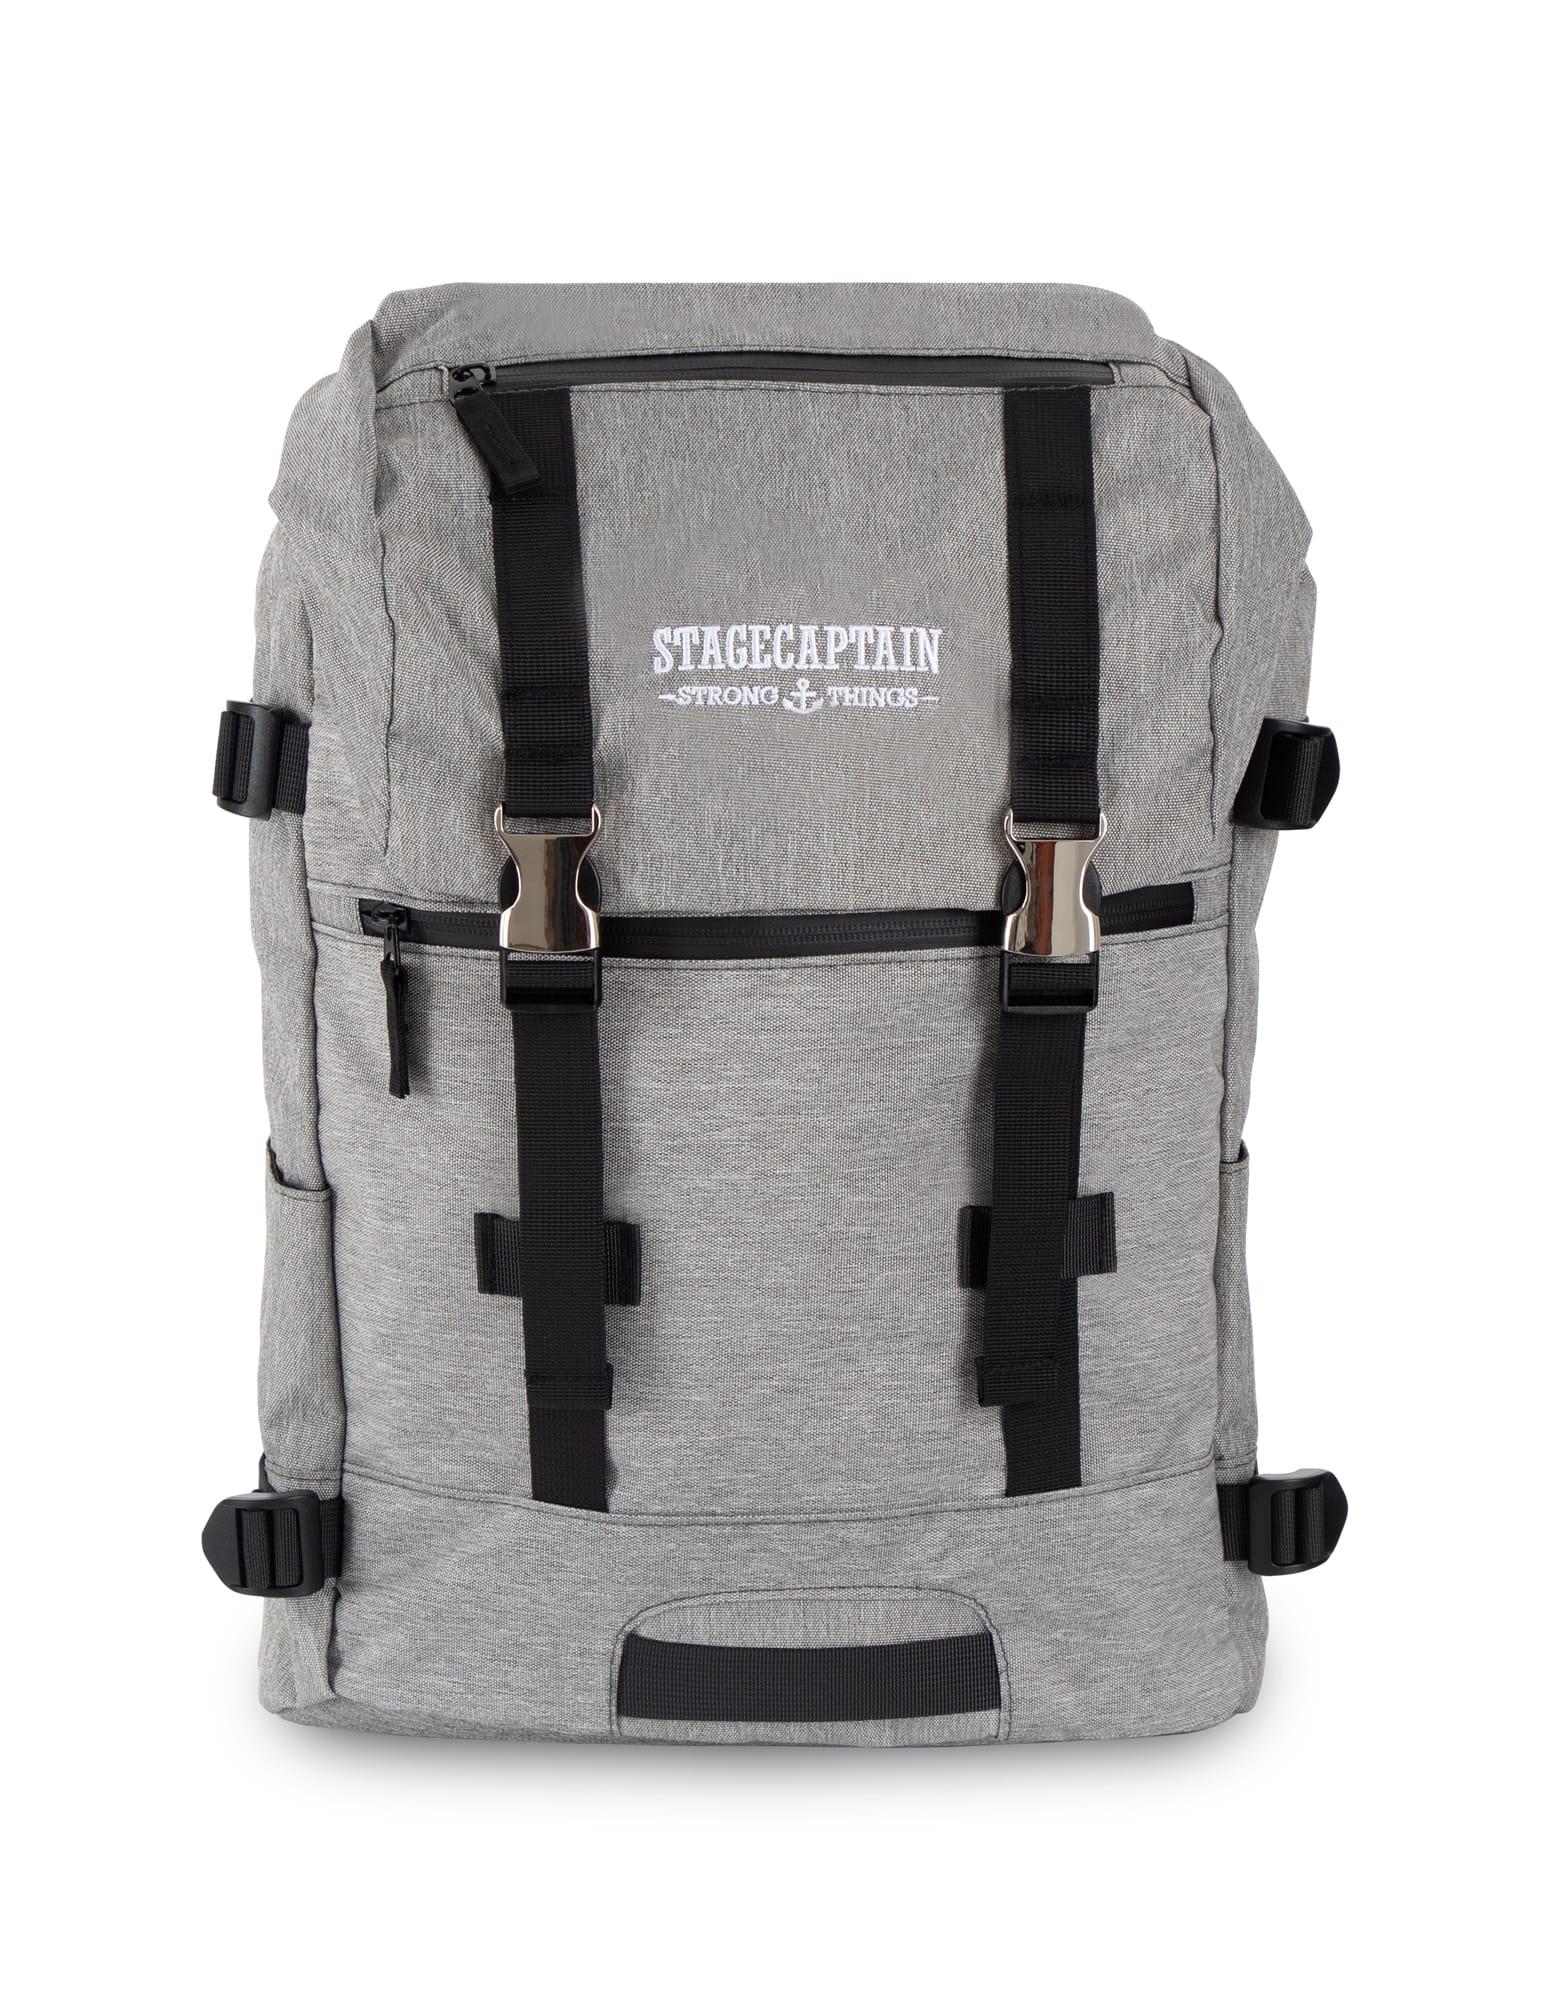 Sac-a-Dos-Backpack-Bandouliere-Ordinateur-Laptop-Ecole-Voyage-Unisexe-Gris